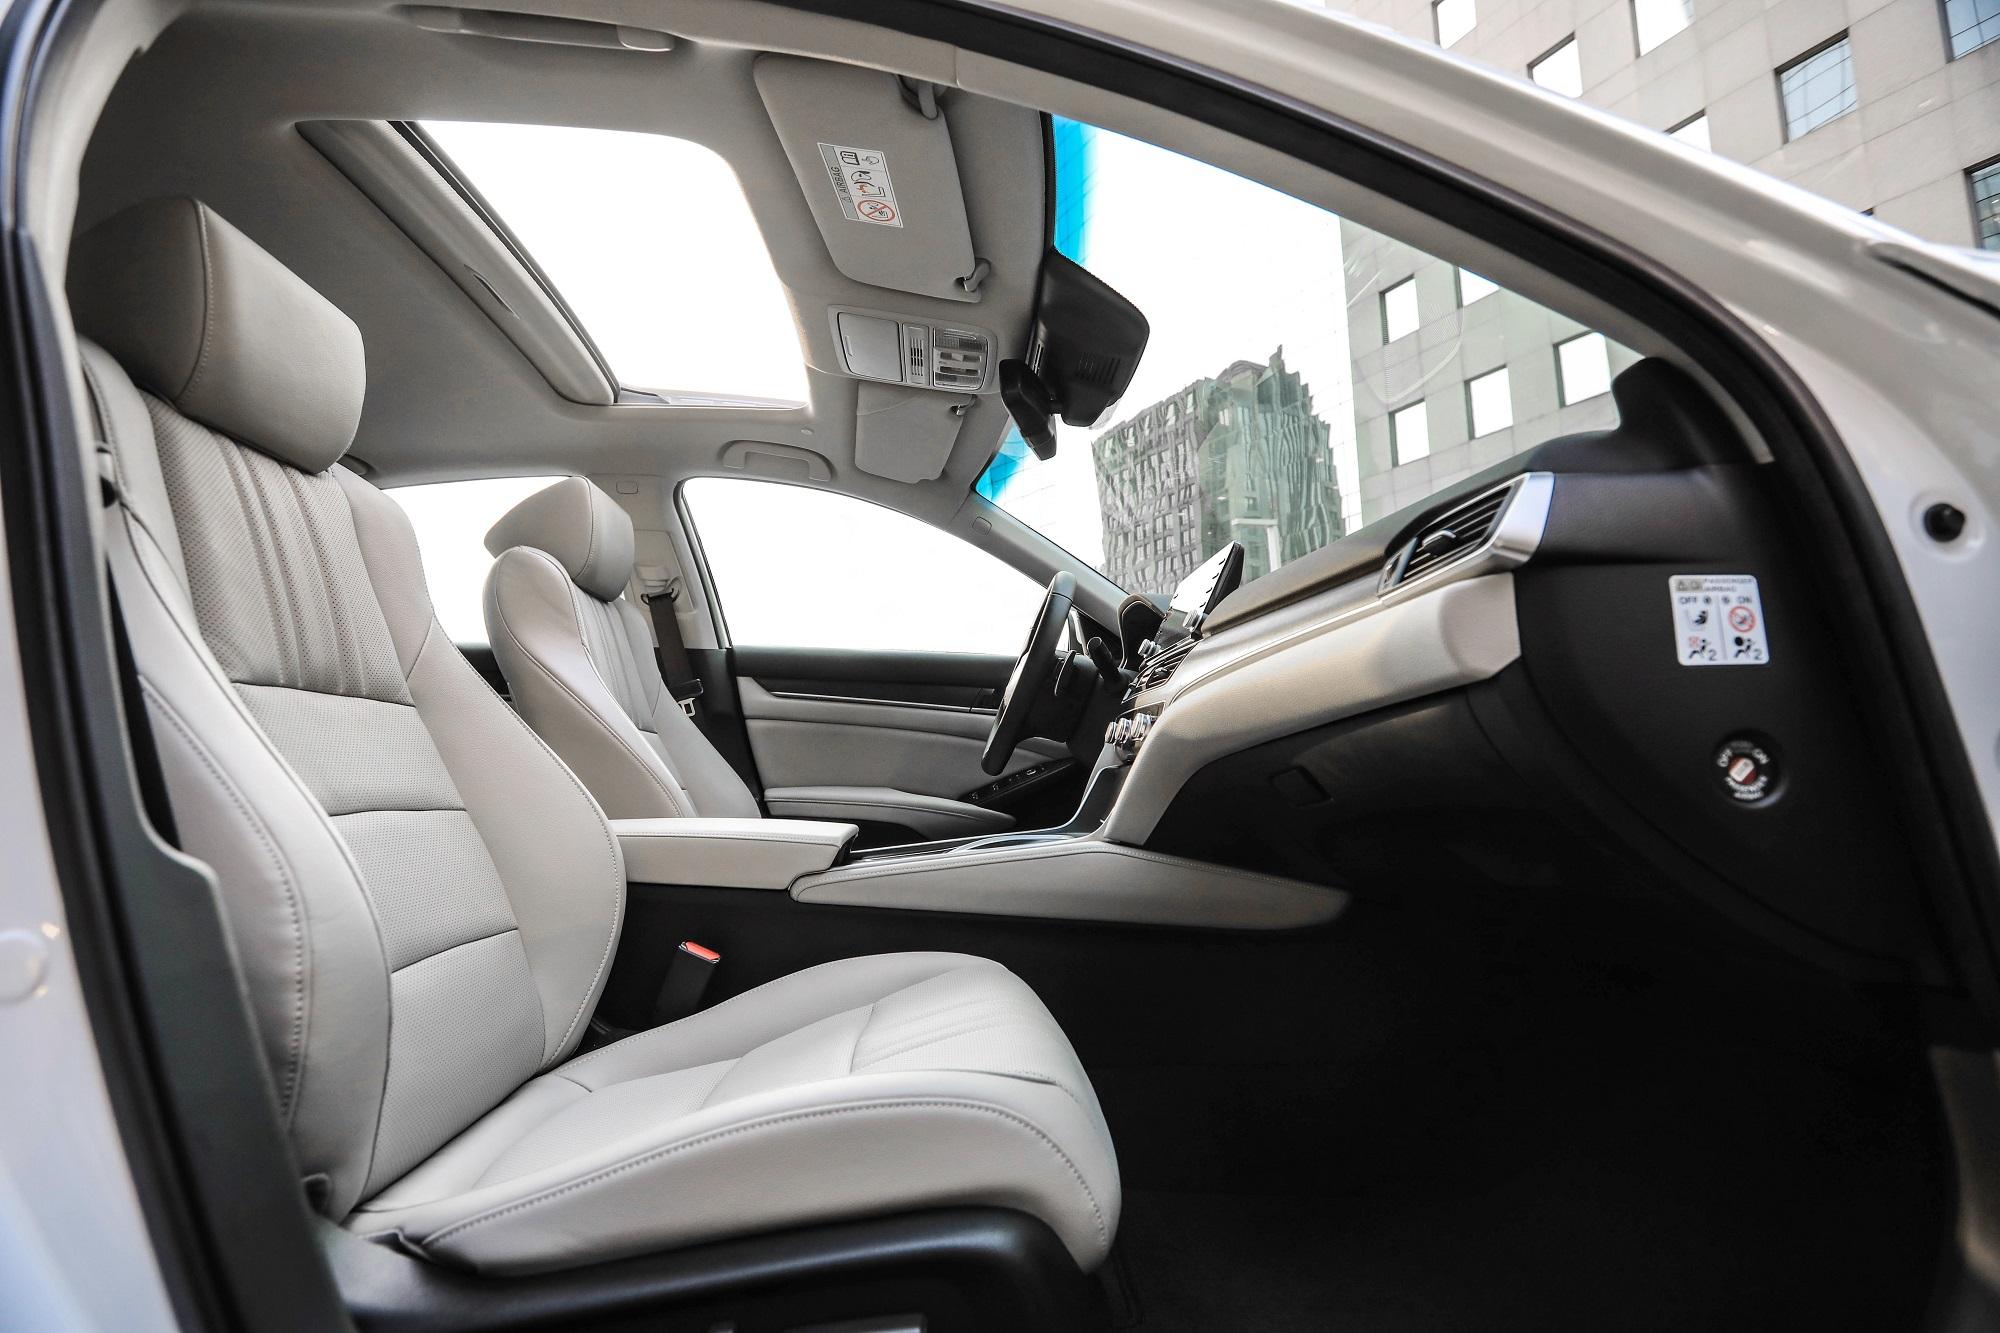 Bancos são confortáveis e chiques mesmo para um carro de R$ 300 mil